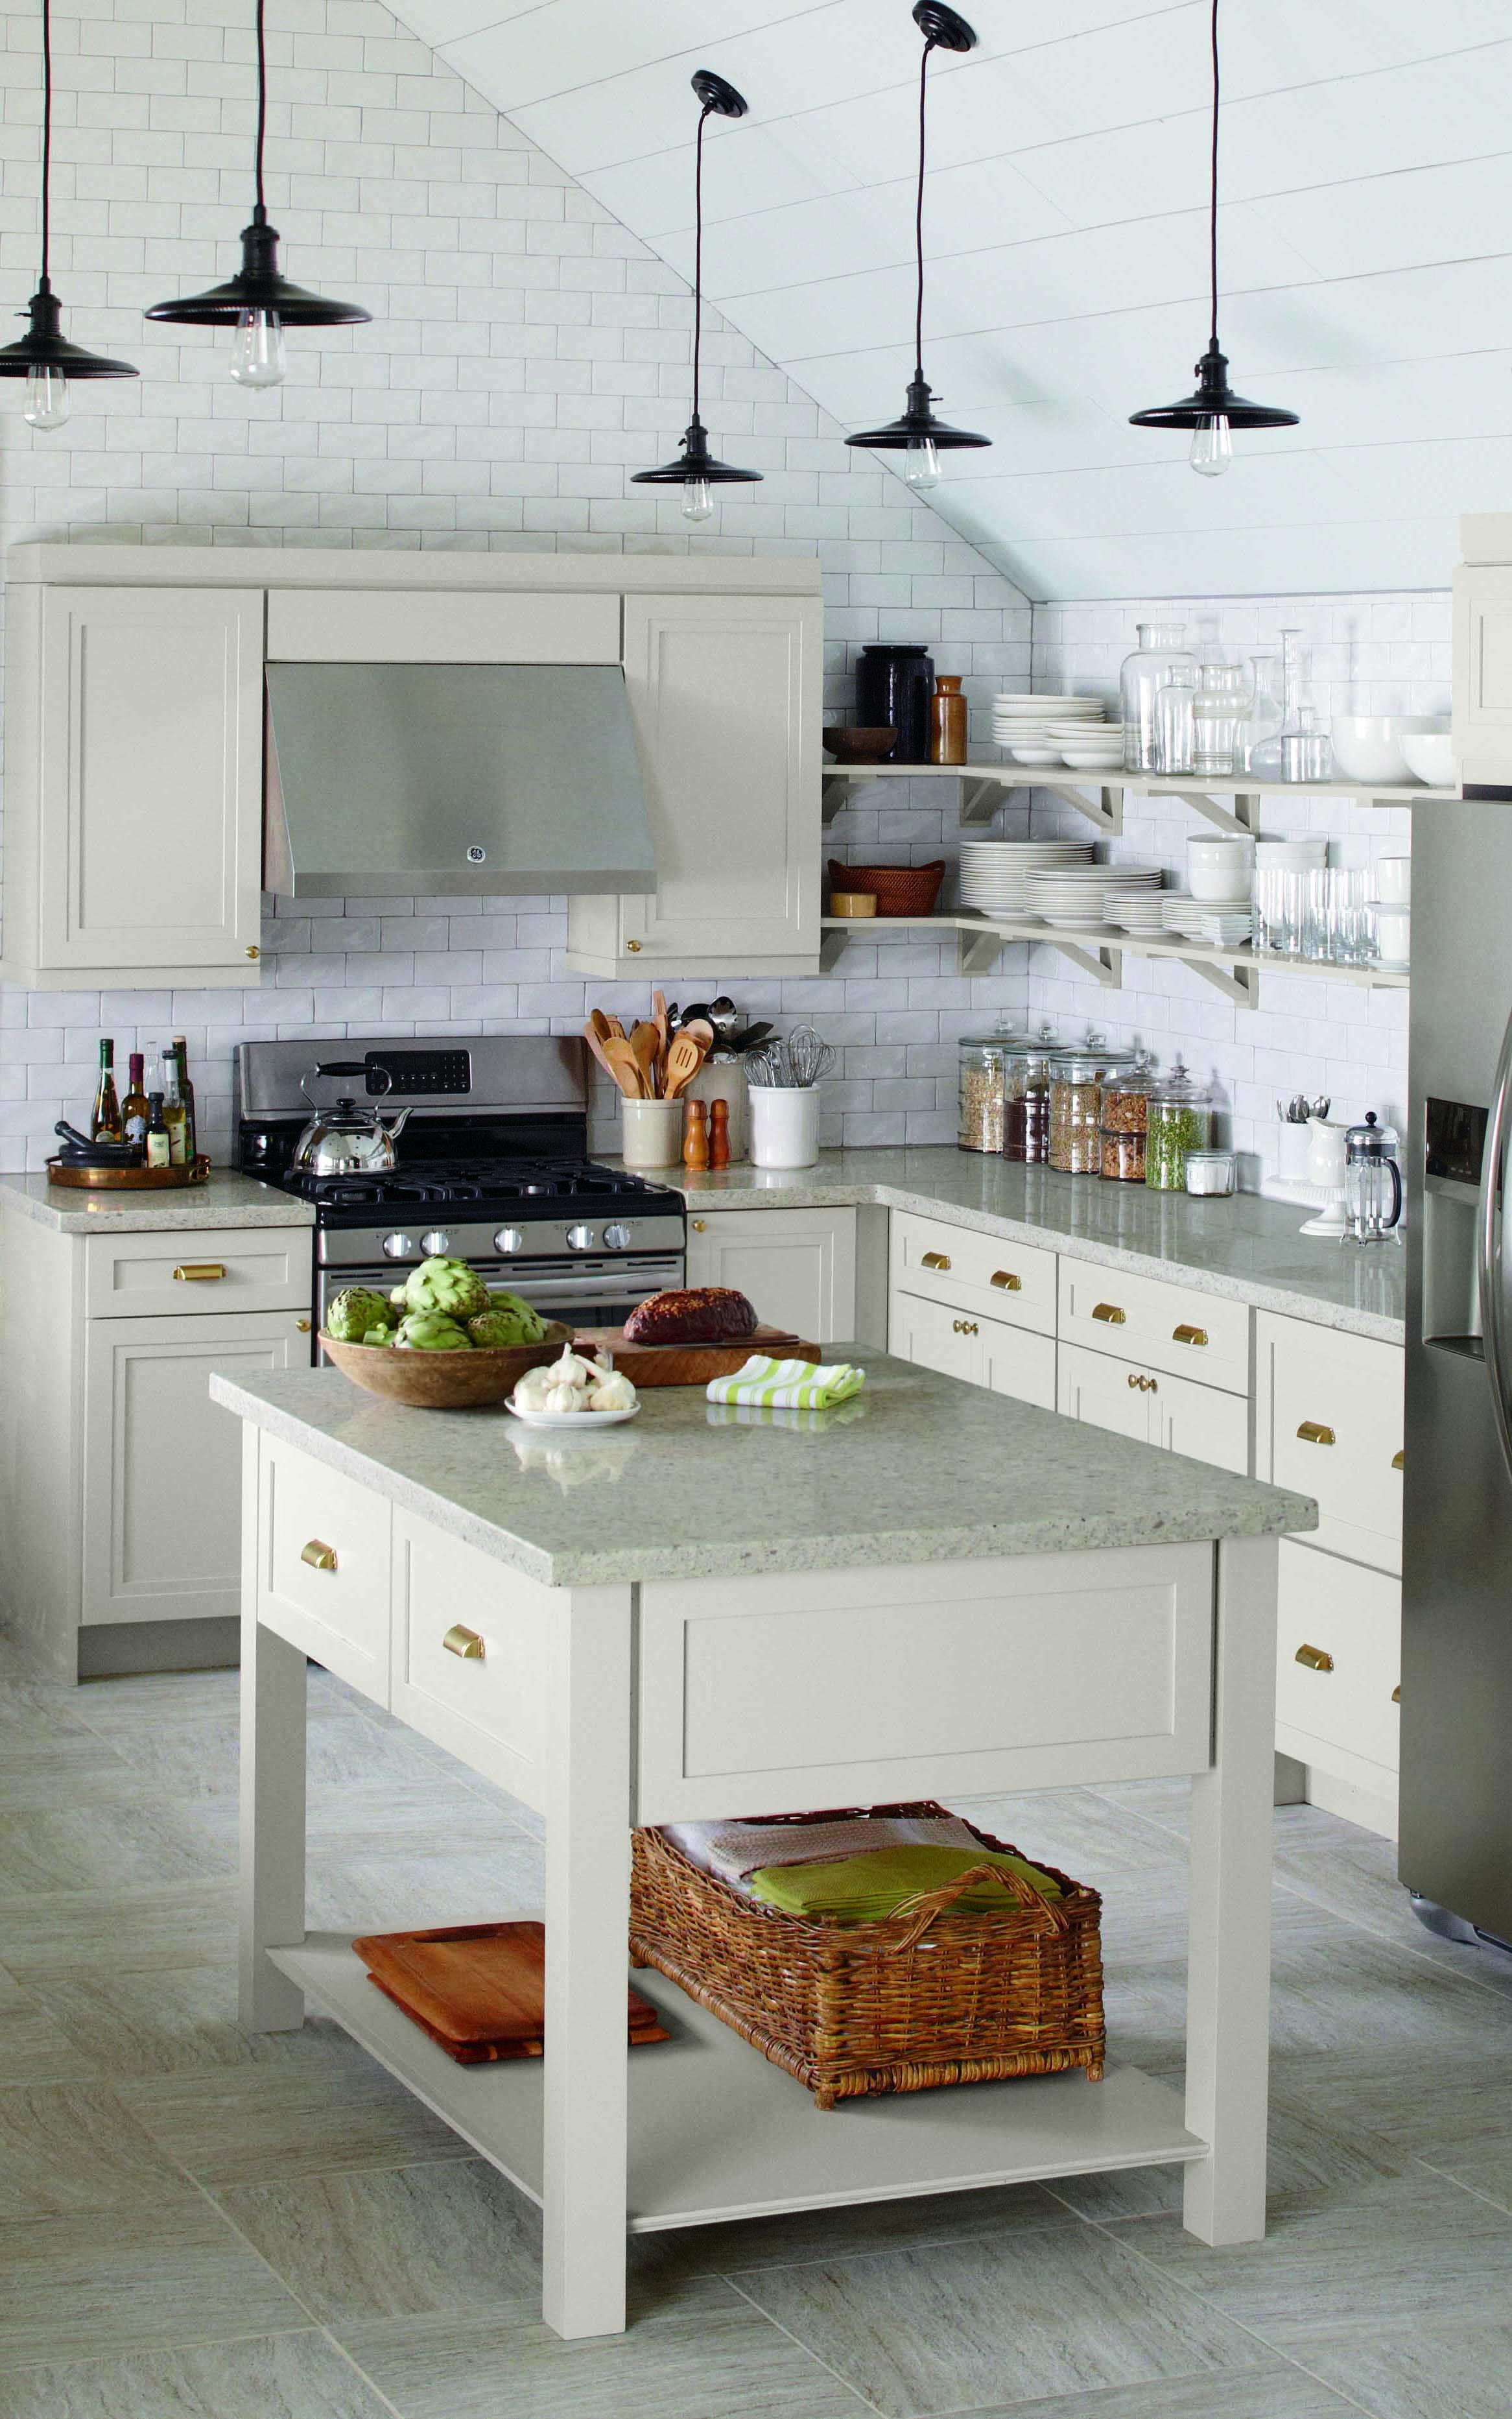 Tolle Home Depot Aufkantung Für Küche Bilder - Ideen Für Die Küche ...